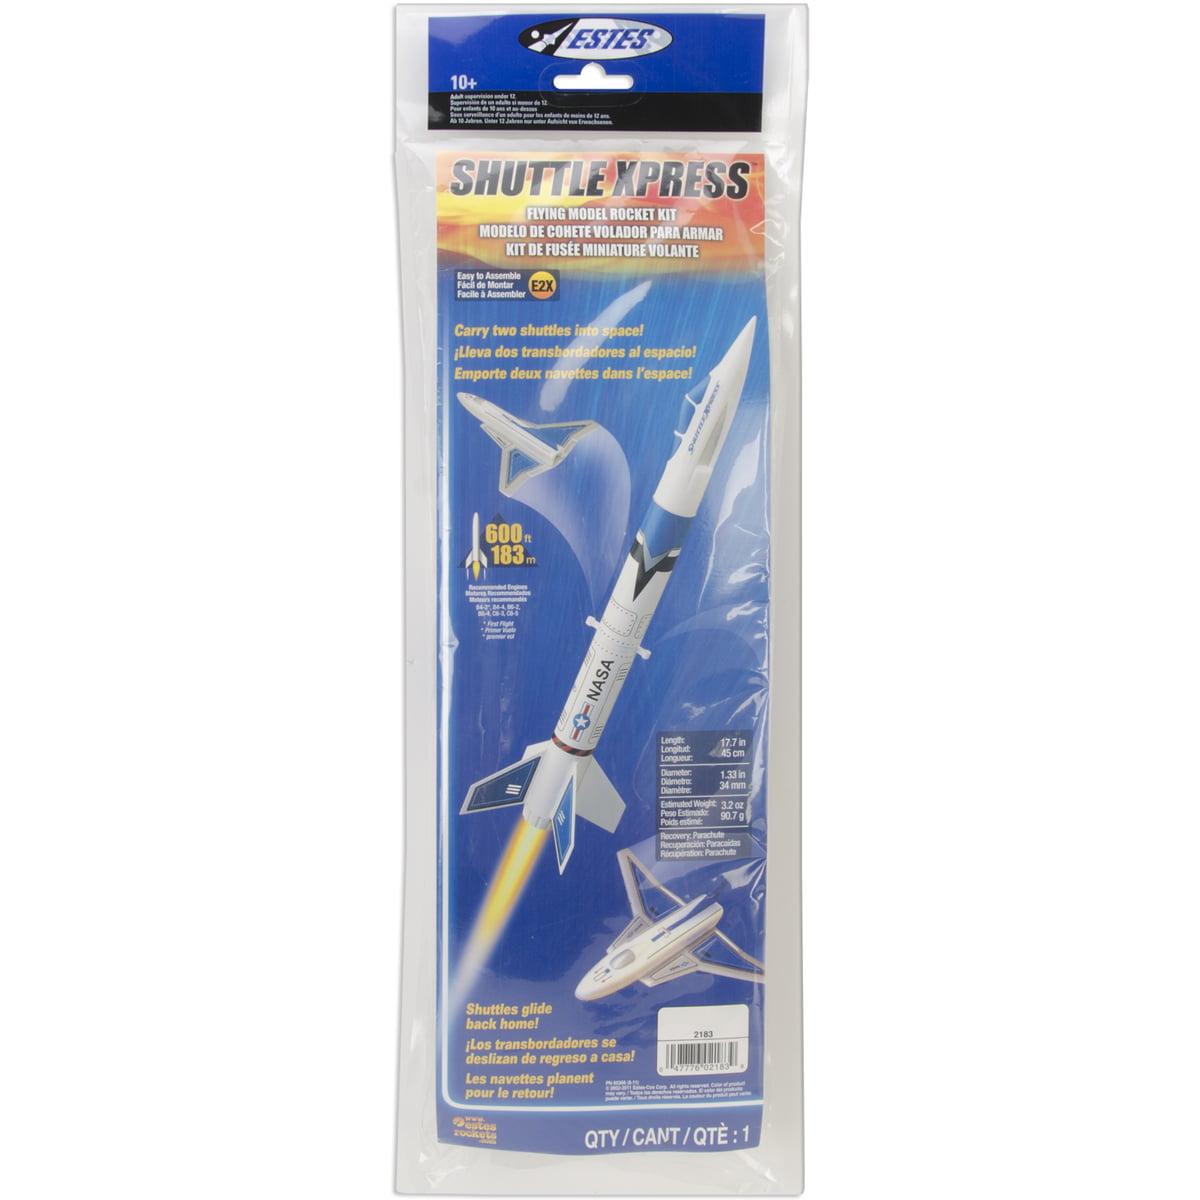 Estes Rocket Kit-Shuttle Xpress by Estes-Cox Corp